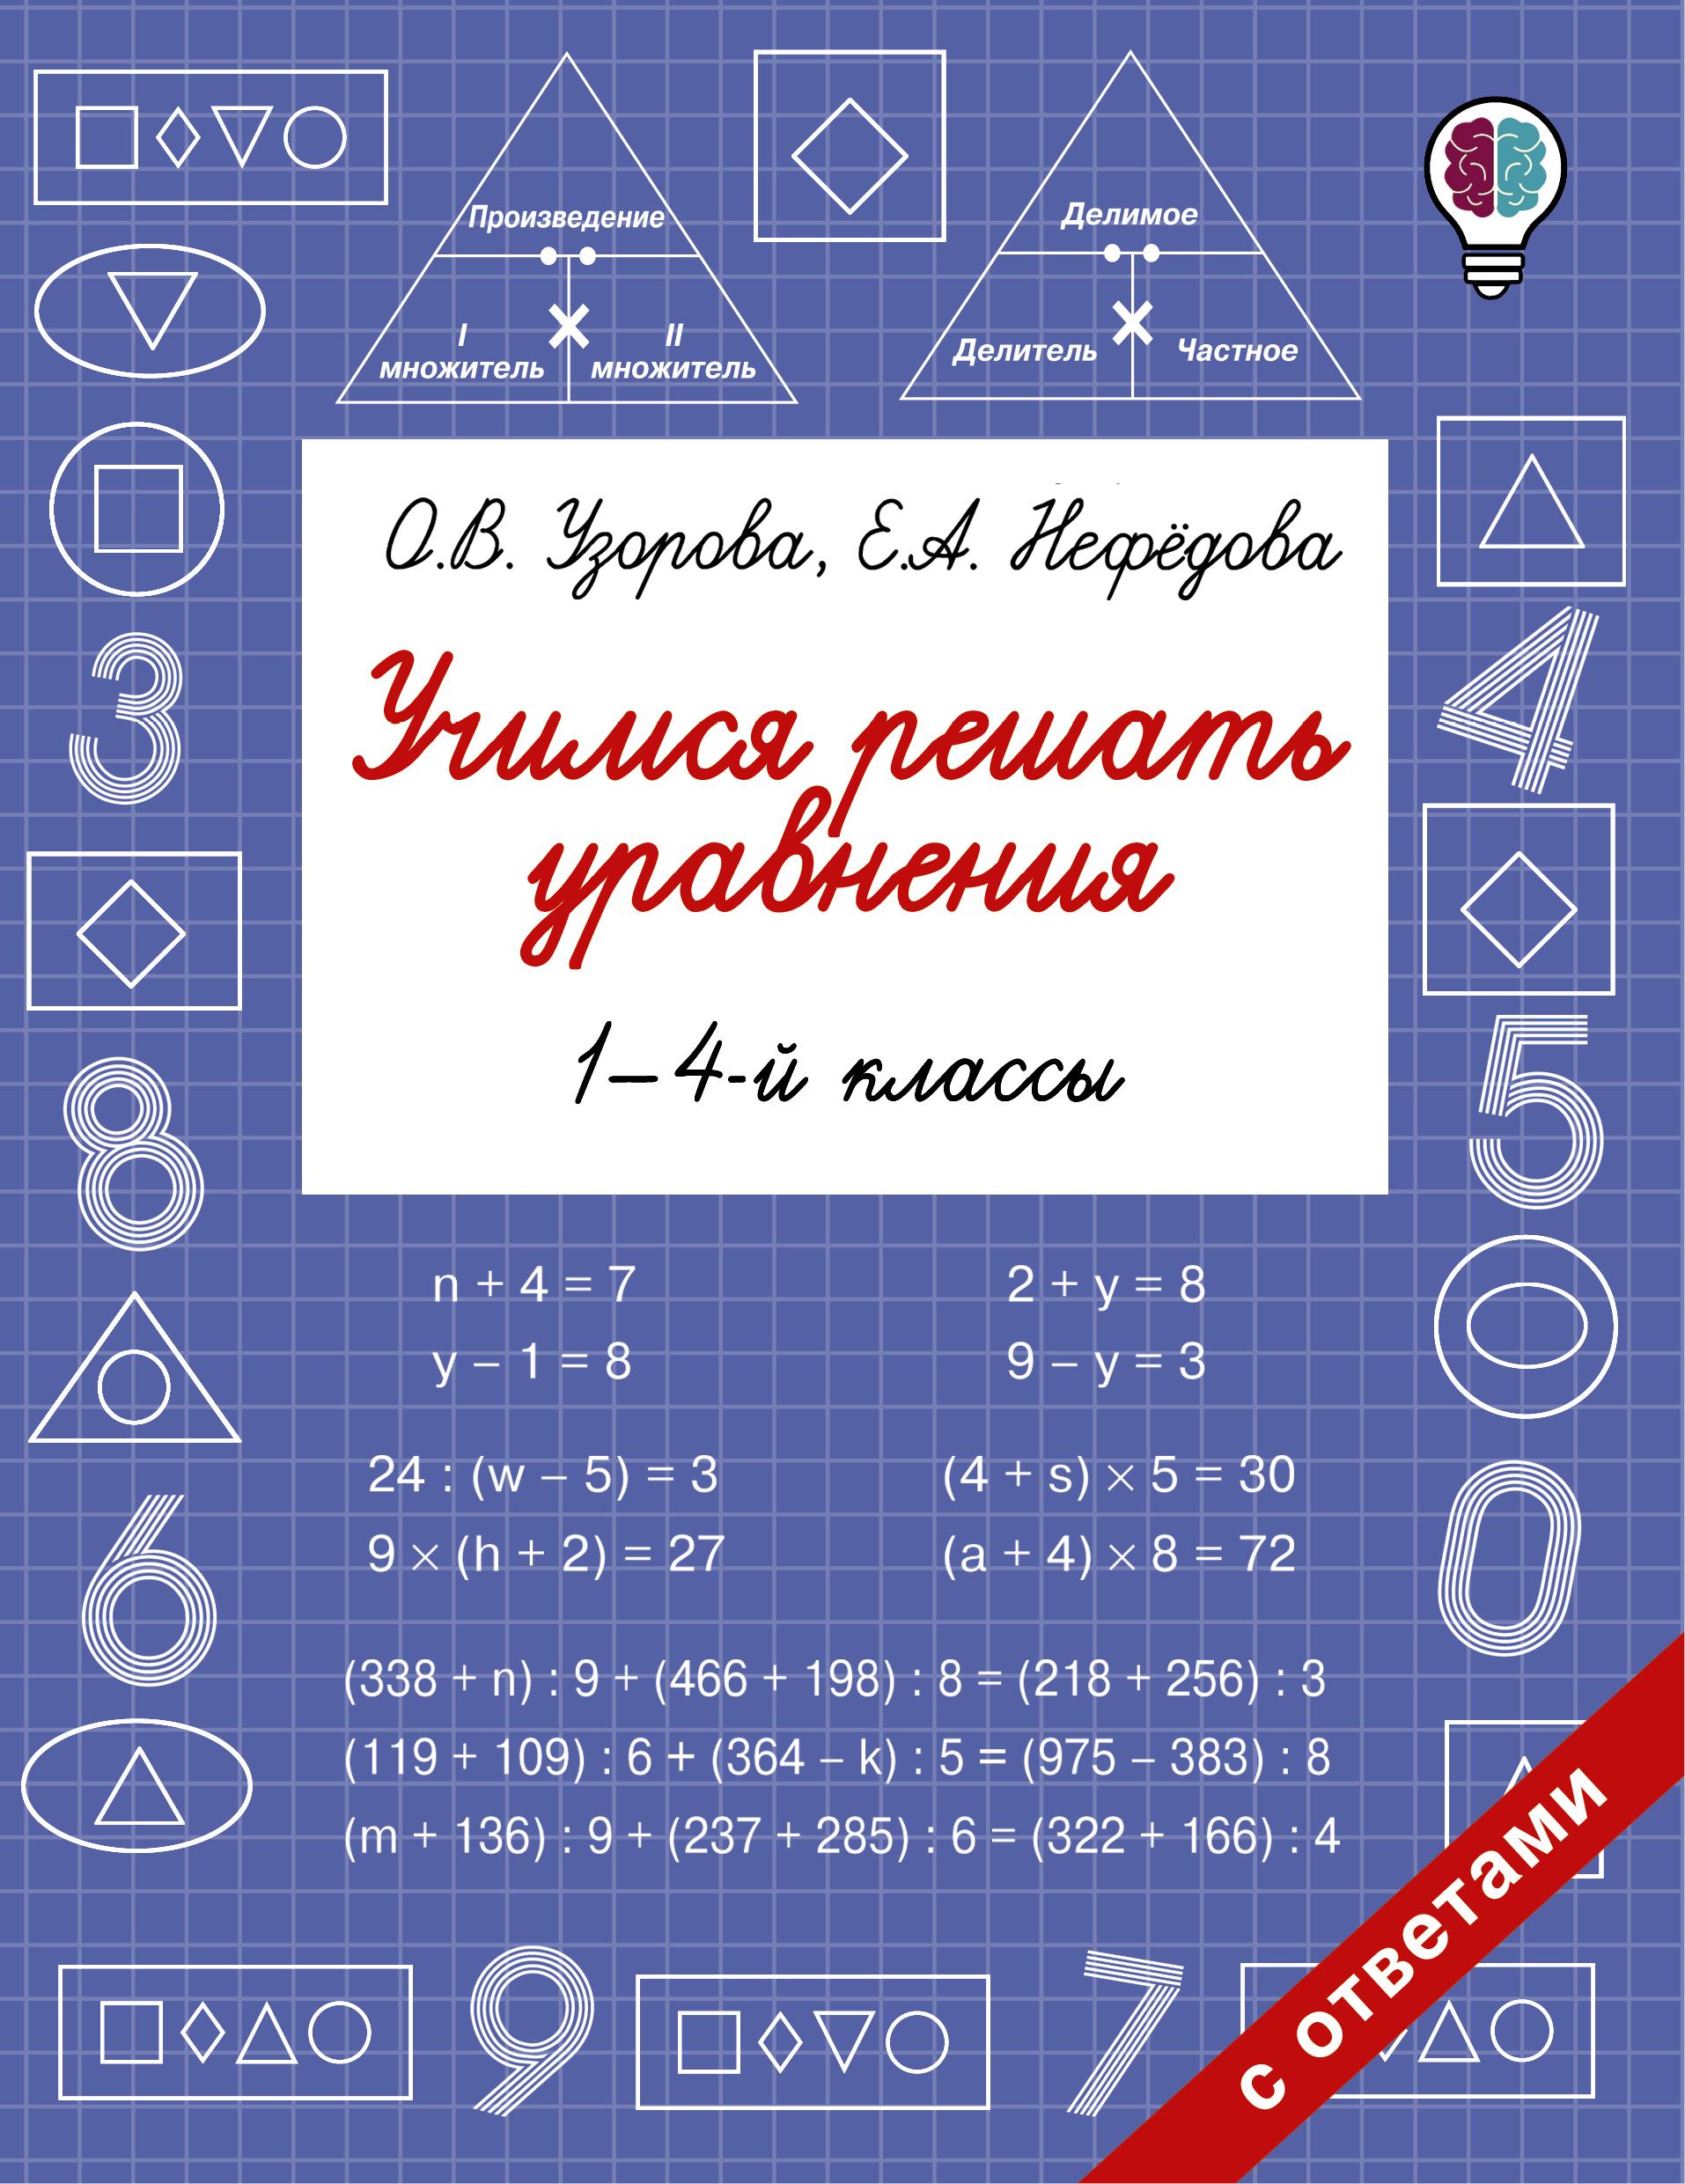 Узорова О.В., Нефедова Е.А. Учимся решать уравнения. 1-4-й классы с м чугунова учимся решать уравнения для начальной школы